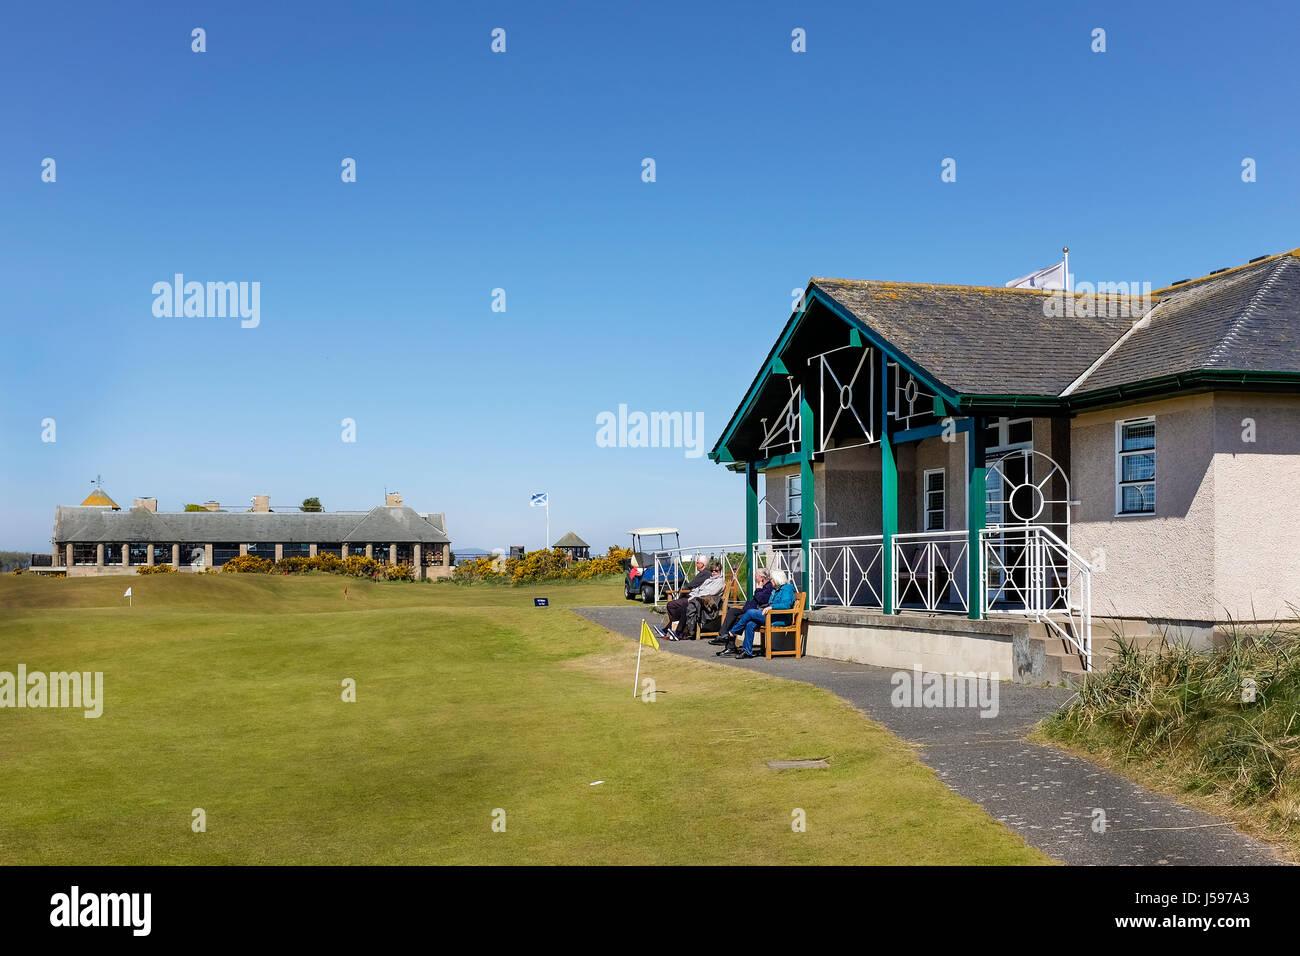 Clubhaus für den St Andrews Ladies setzen Club, The Himalaya Course, St Andrews, Fife, Schottland Stockbild